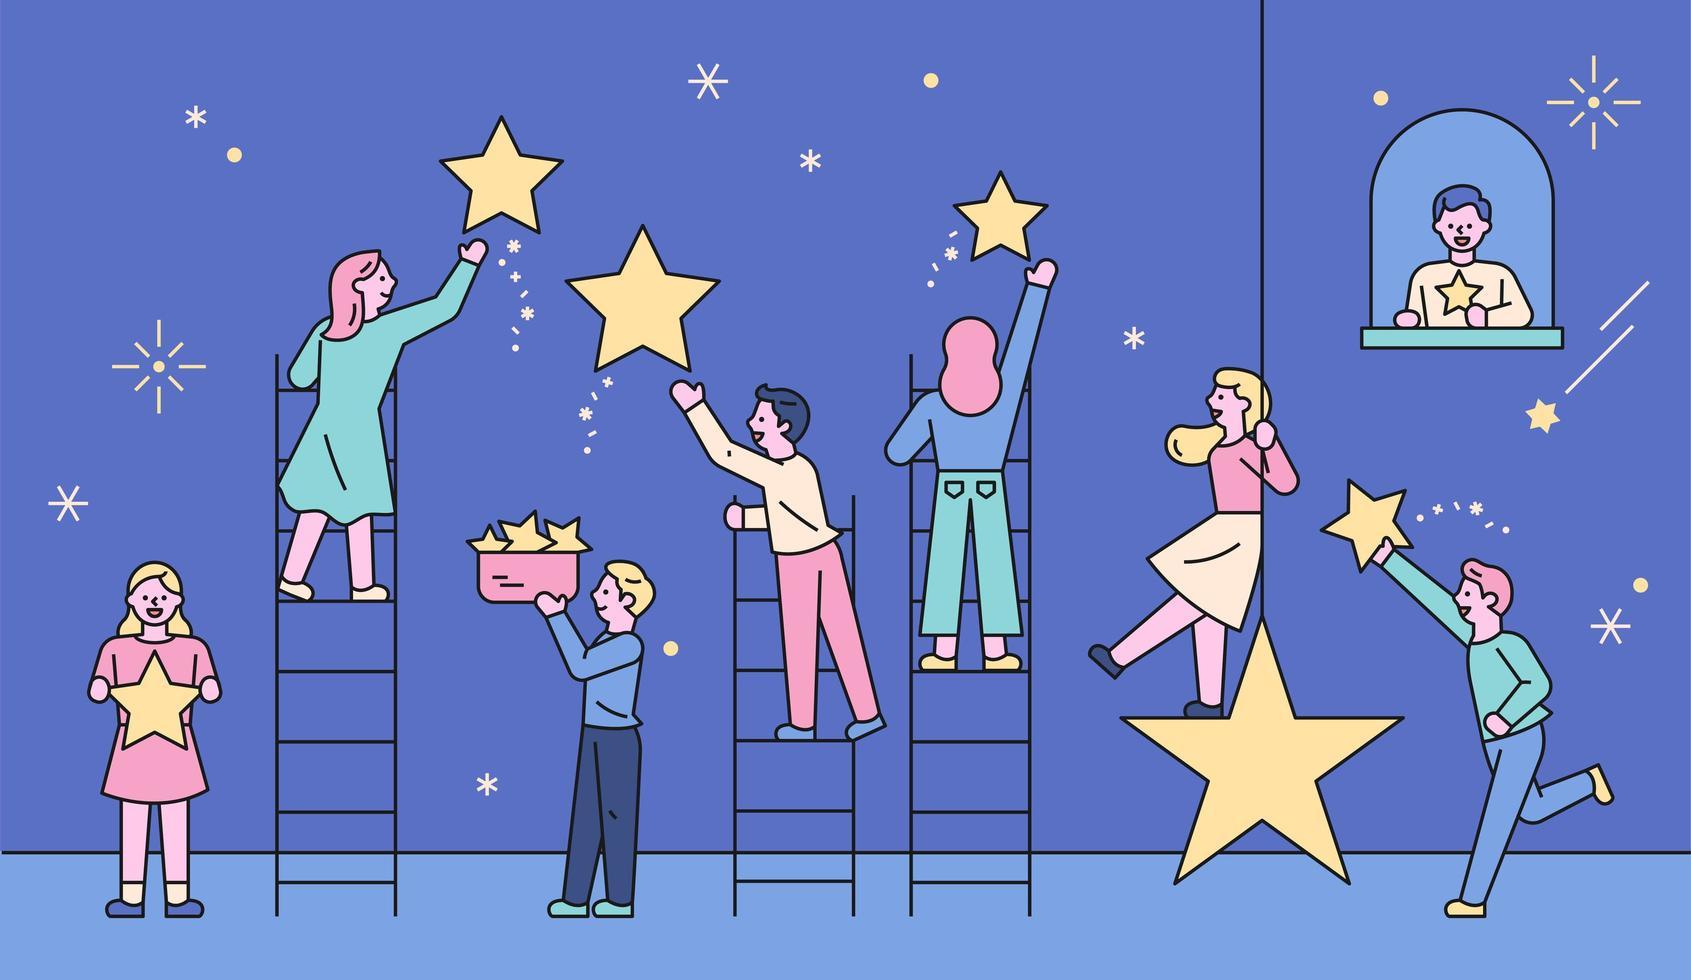 de som plockar upp stjärnorna på himlen. vektor